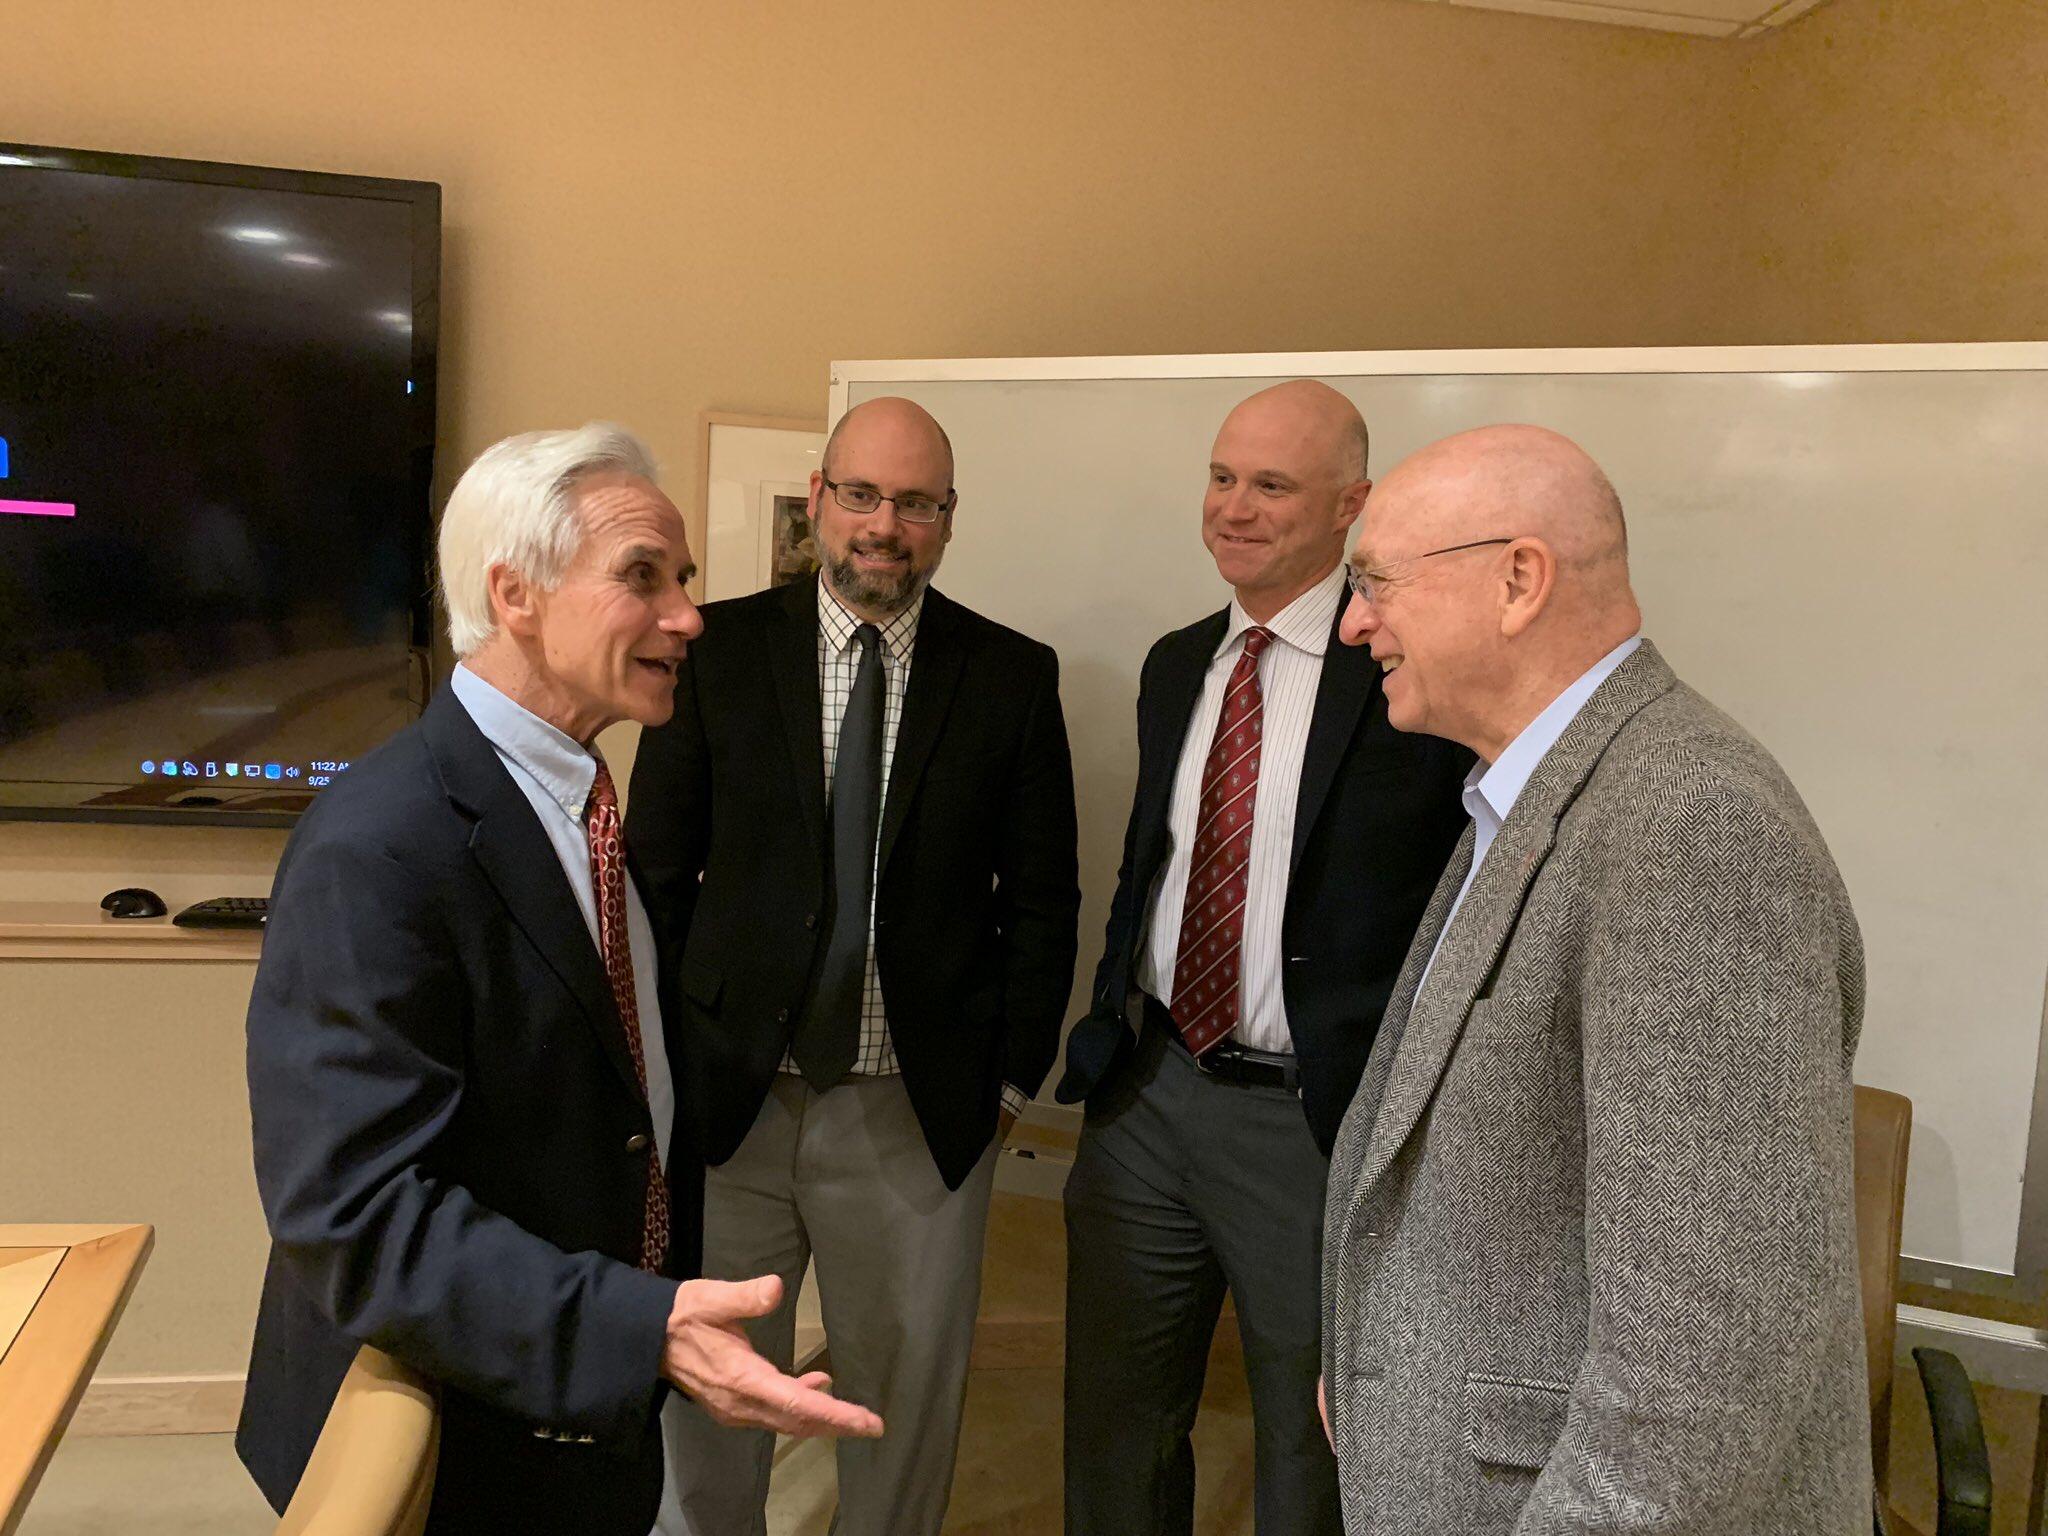 four men speaking